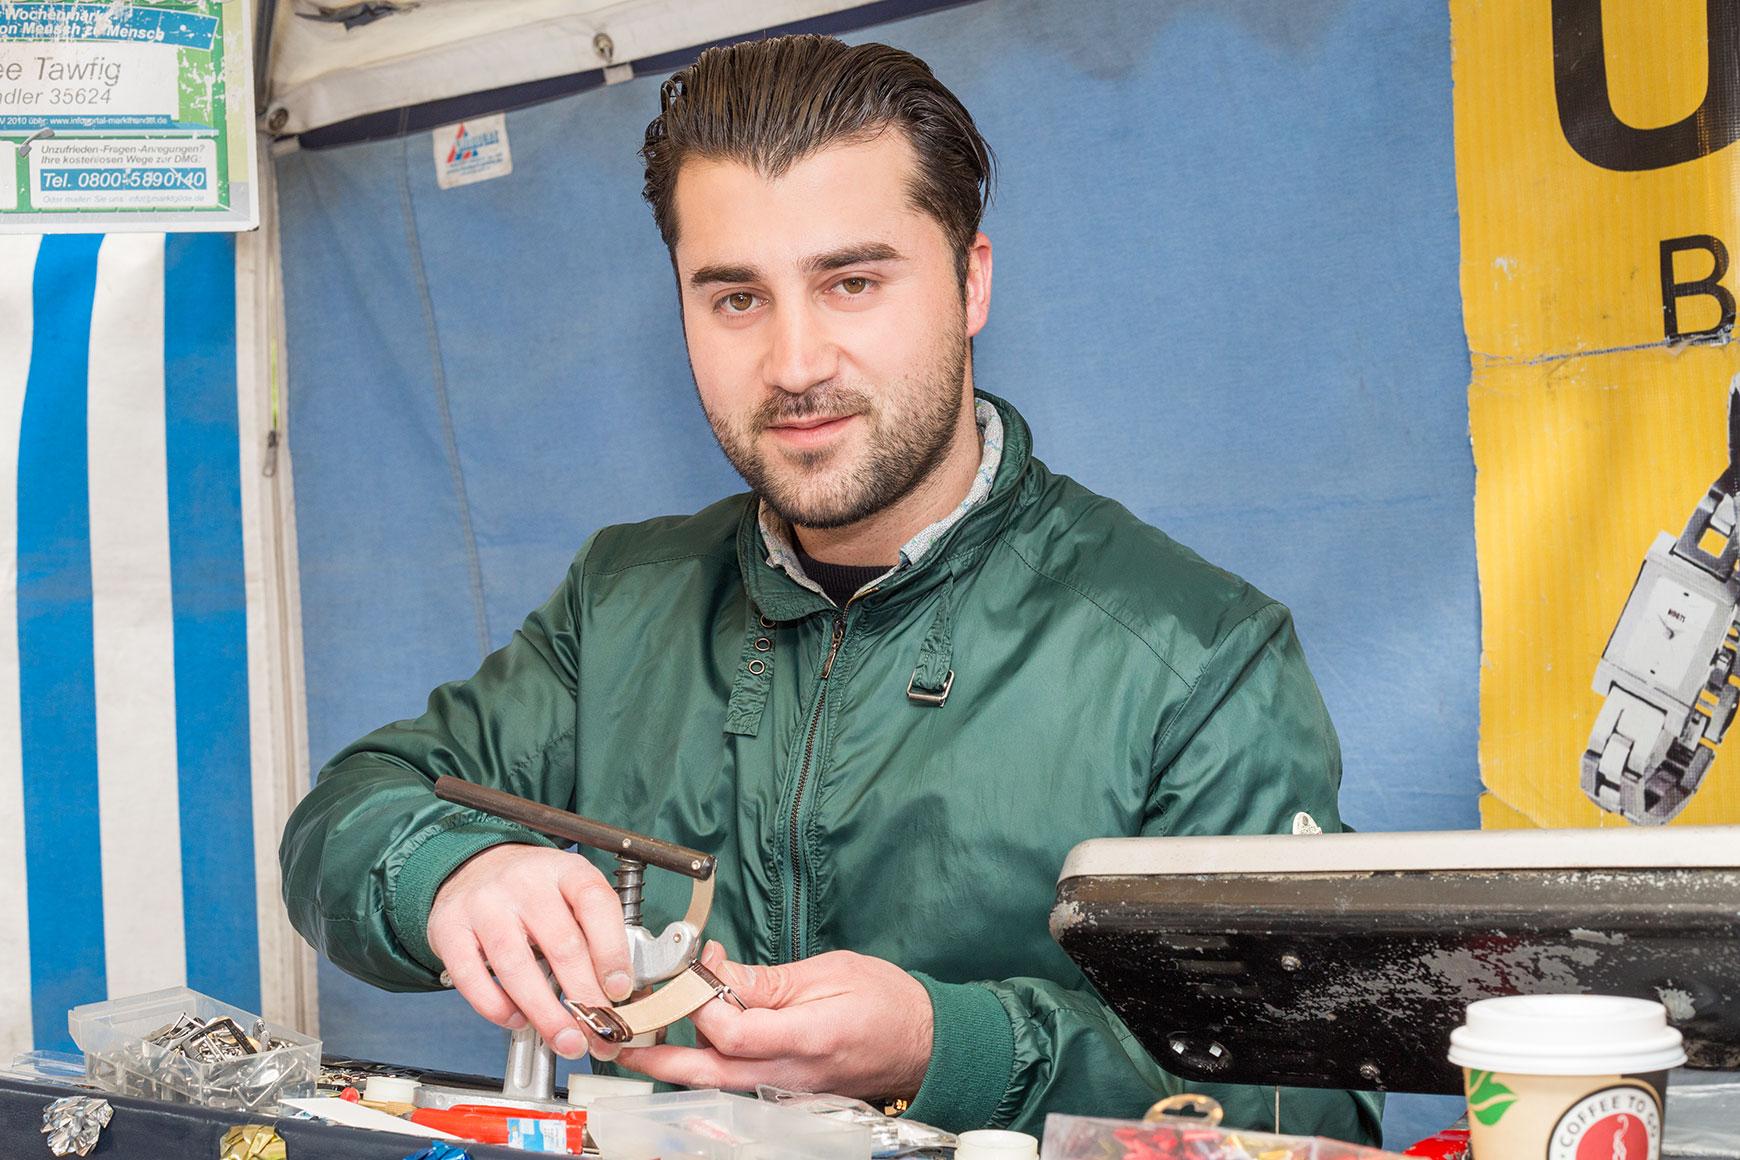 Zhee Tawfig Uhrmacherhandwerk